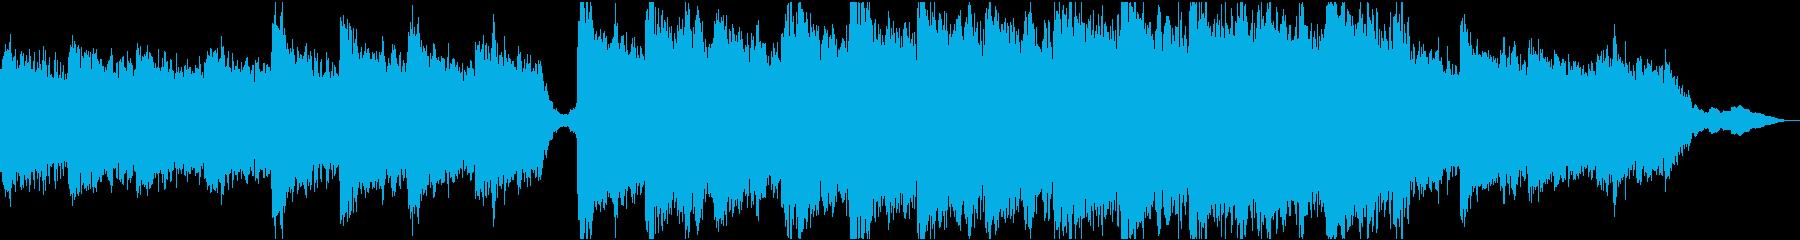 現代の交響曲 劇的な 厳Sol ピ...の再生済みの波形